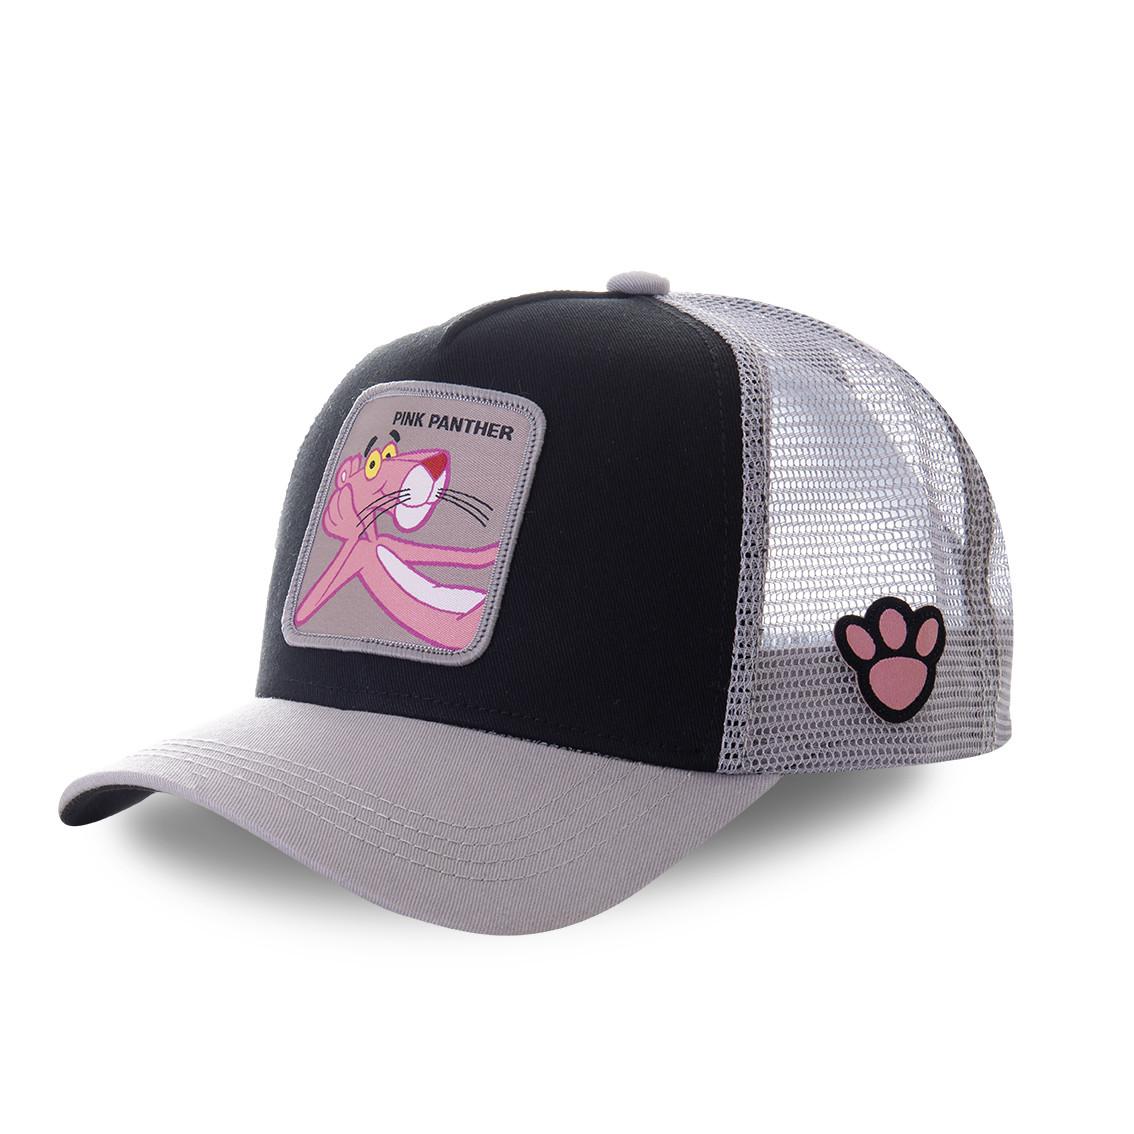 Casquette truckercapslab pink panther noir et gris